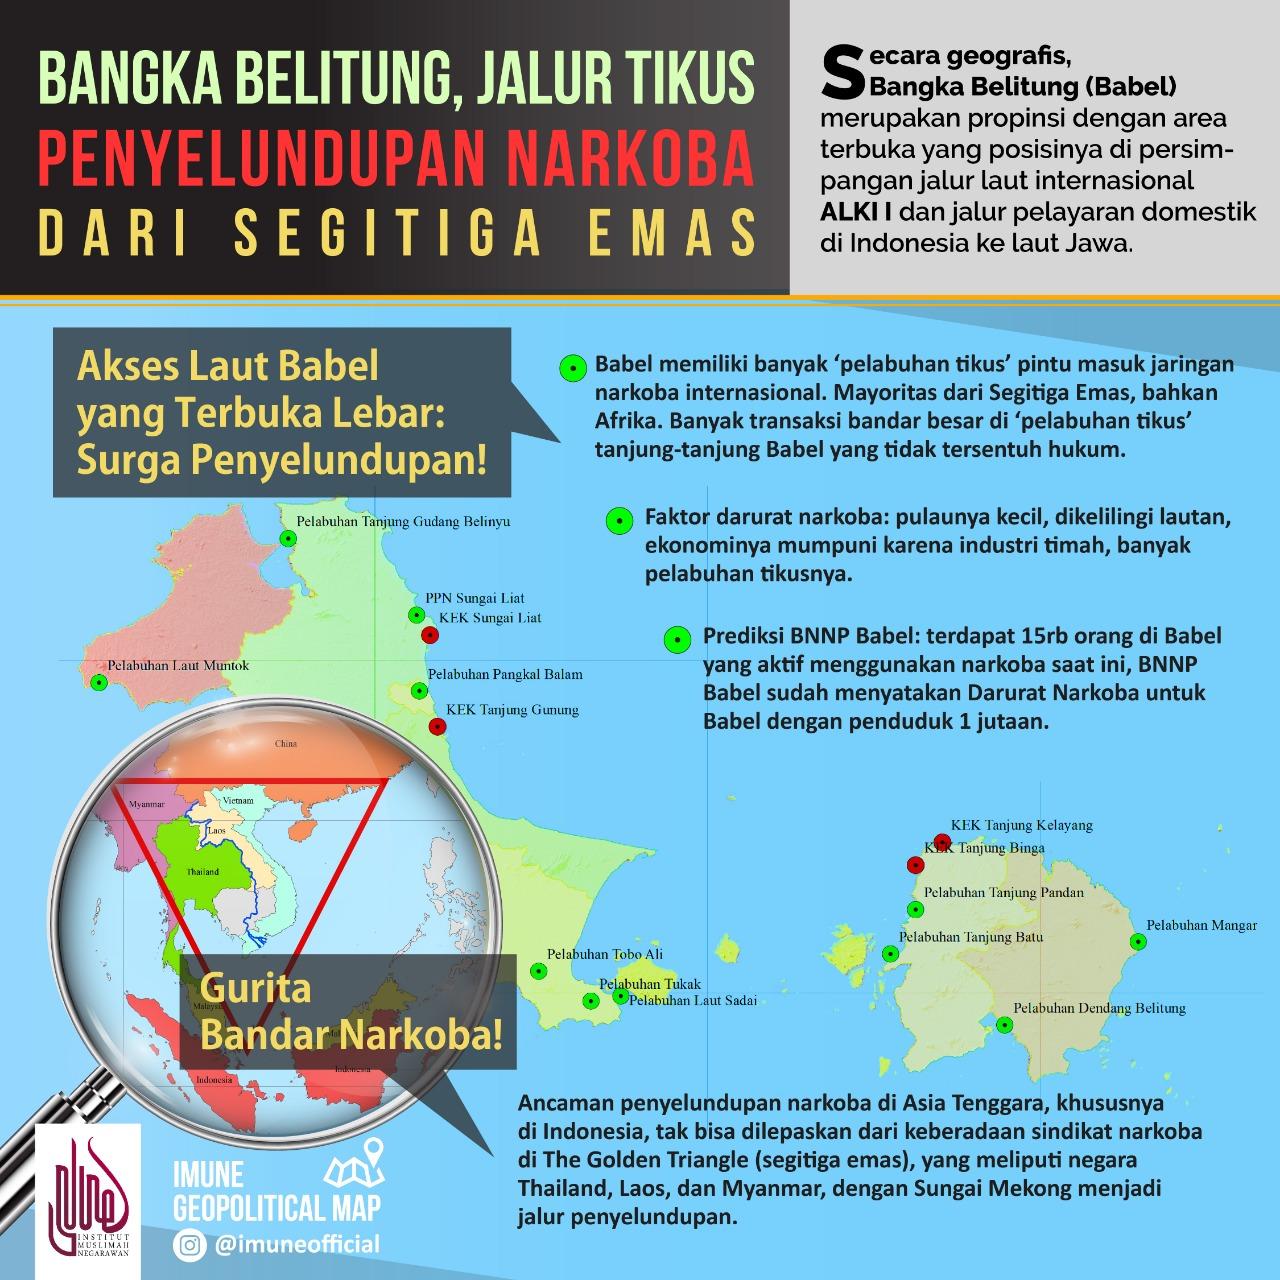 Bangka Belitung, Jalur Tikus Penyelundupan Narkoba dari Segitiga Emas